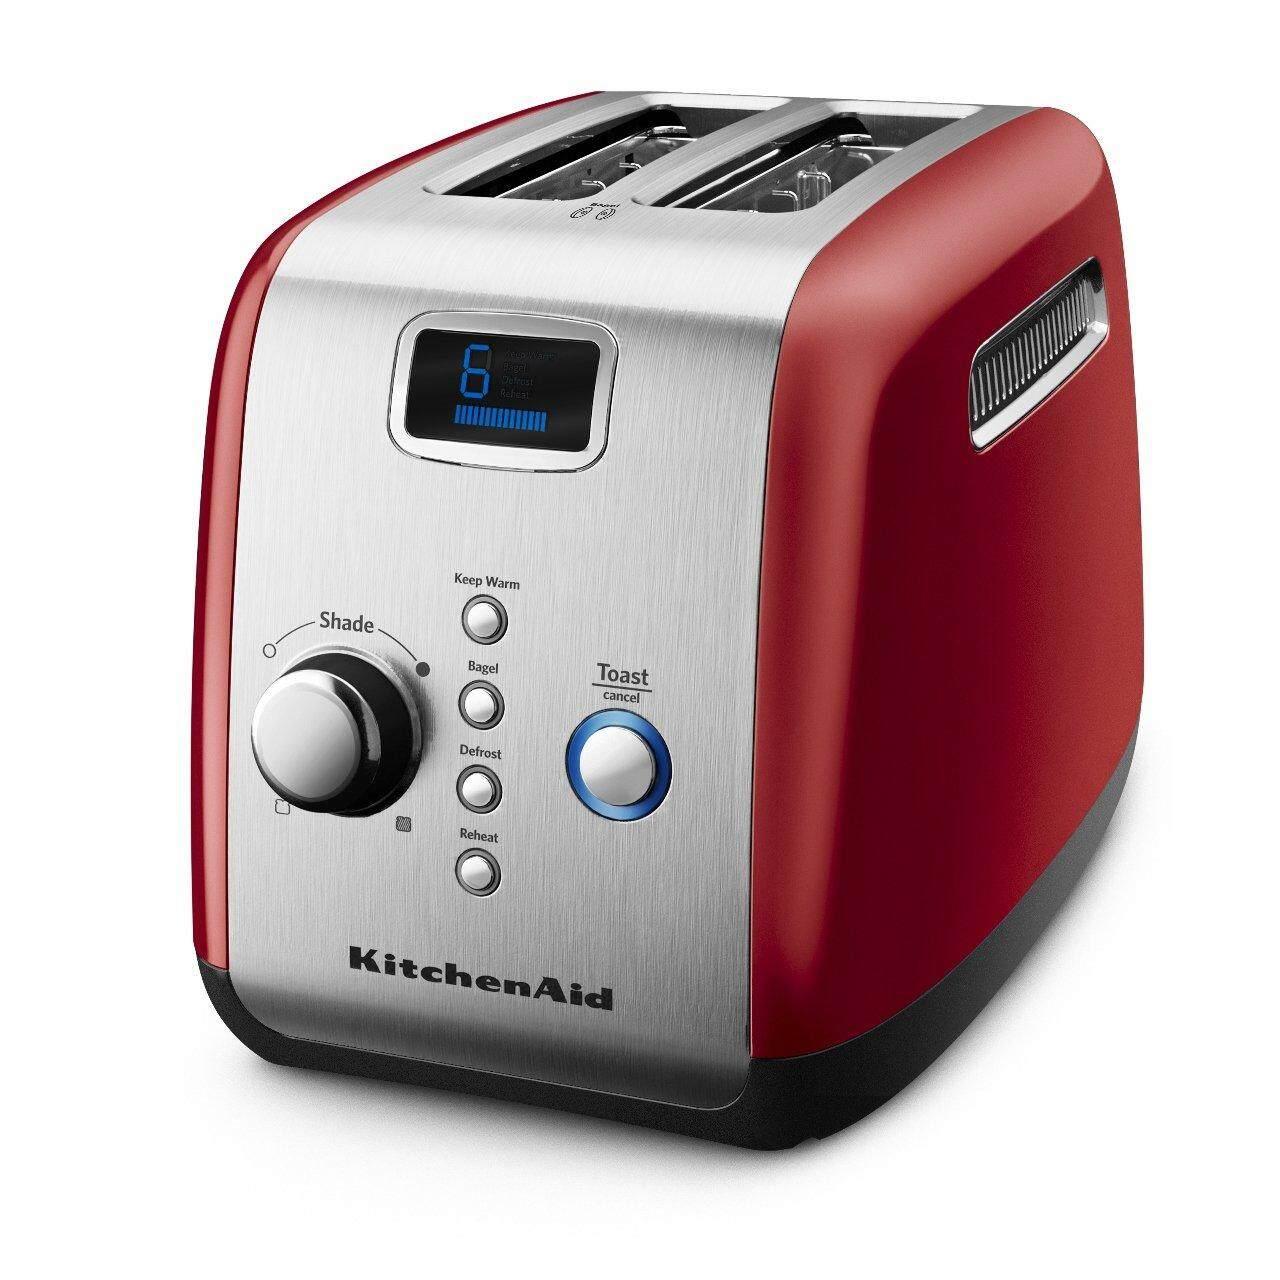 สอนใช้งาน  นครสวรรค์ KitchenAid  Automatic/Pop Up Toaster Empire Red